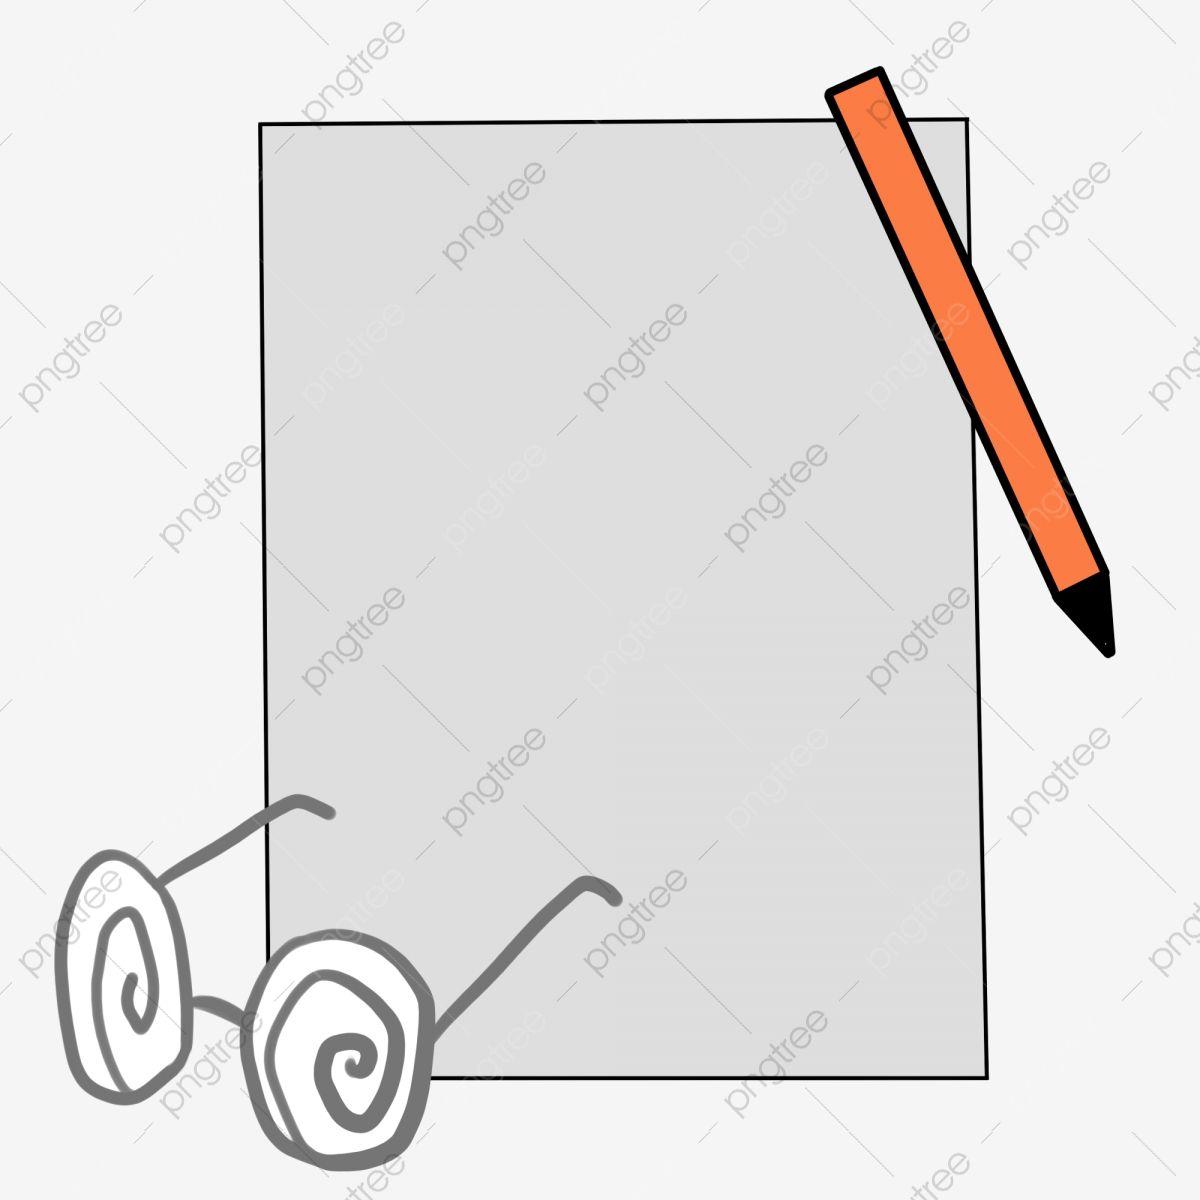 العين قلم رصاص الكرتون الإطار مرسومة باليد التوضيح حدود جميلة حدود جديدة Png وملف Psd للتحميل مجانا Eye Frames Frame Pencil